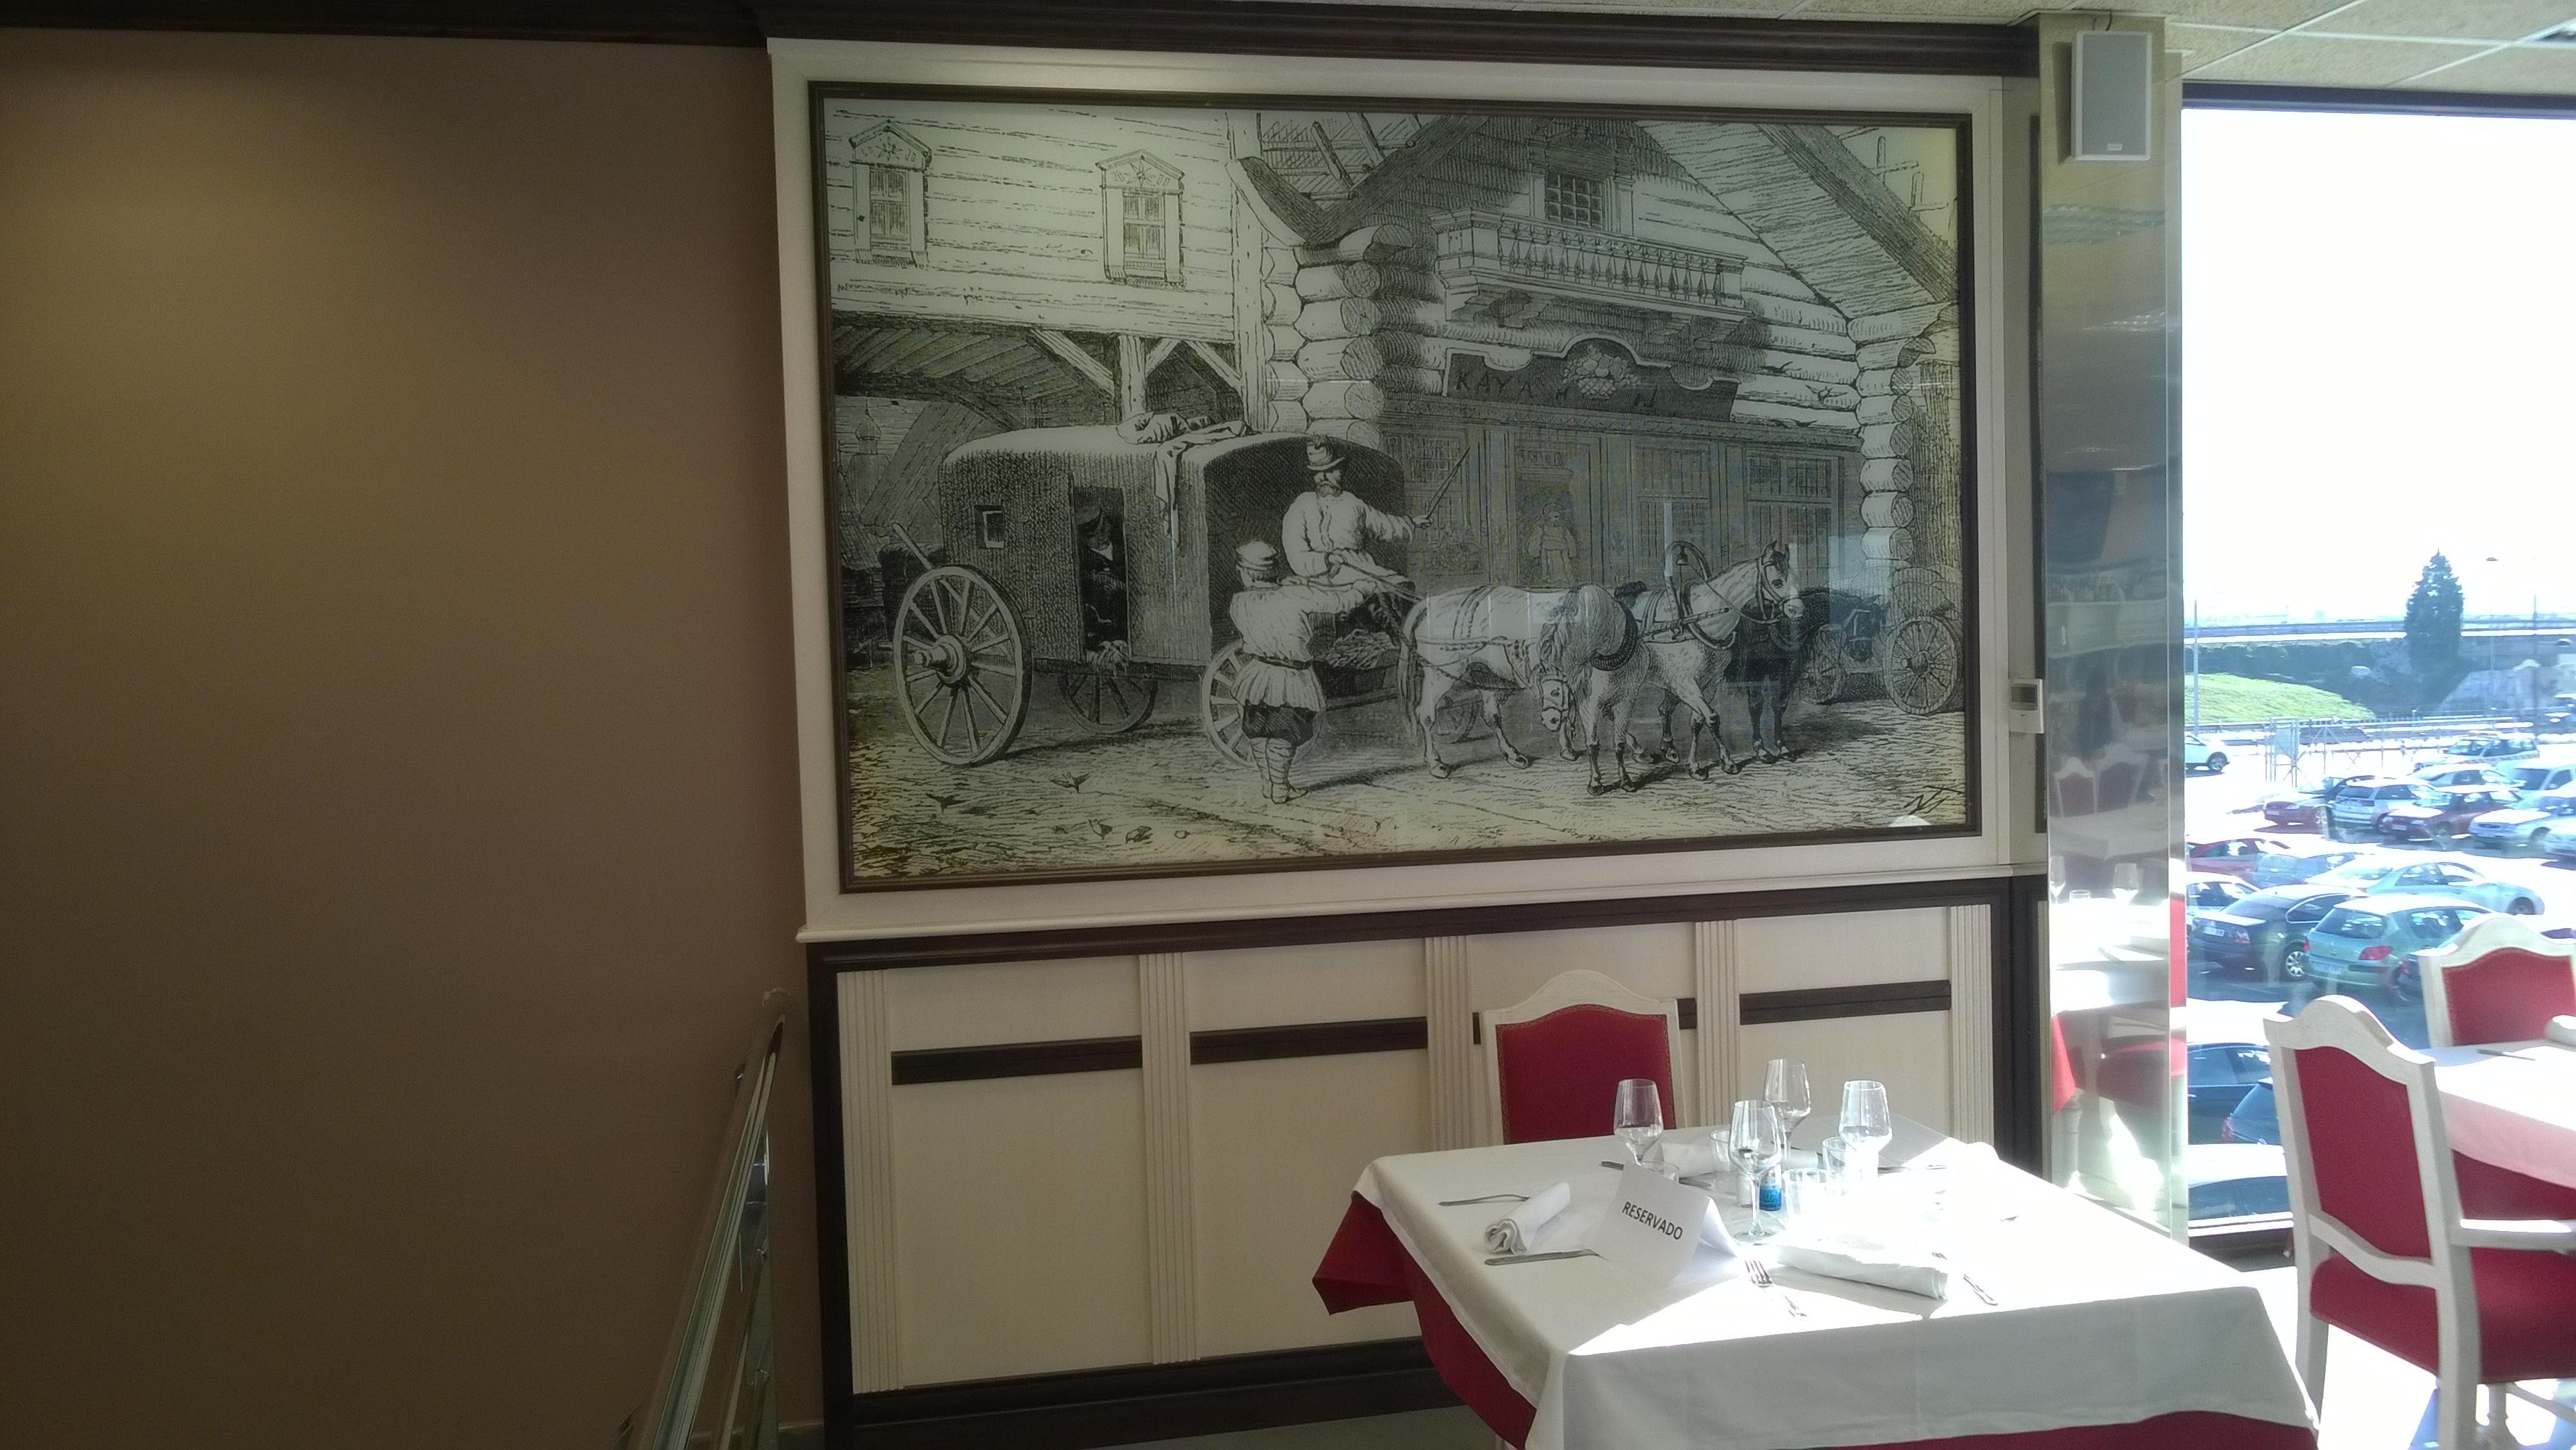 Cafetería Desguaces La Torre Madrid hotelería horeca restauración instalaciones @RuarteContract